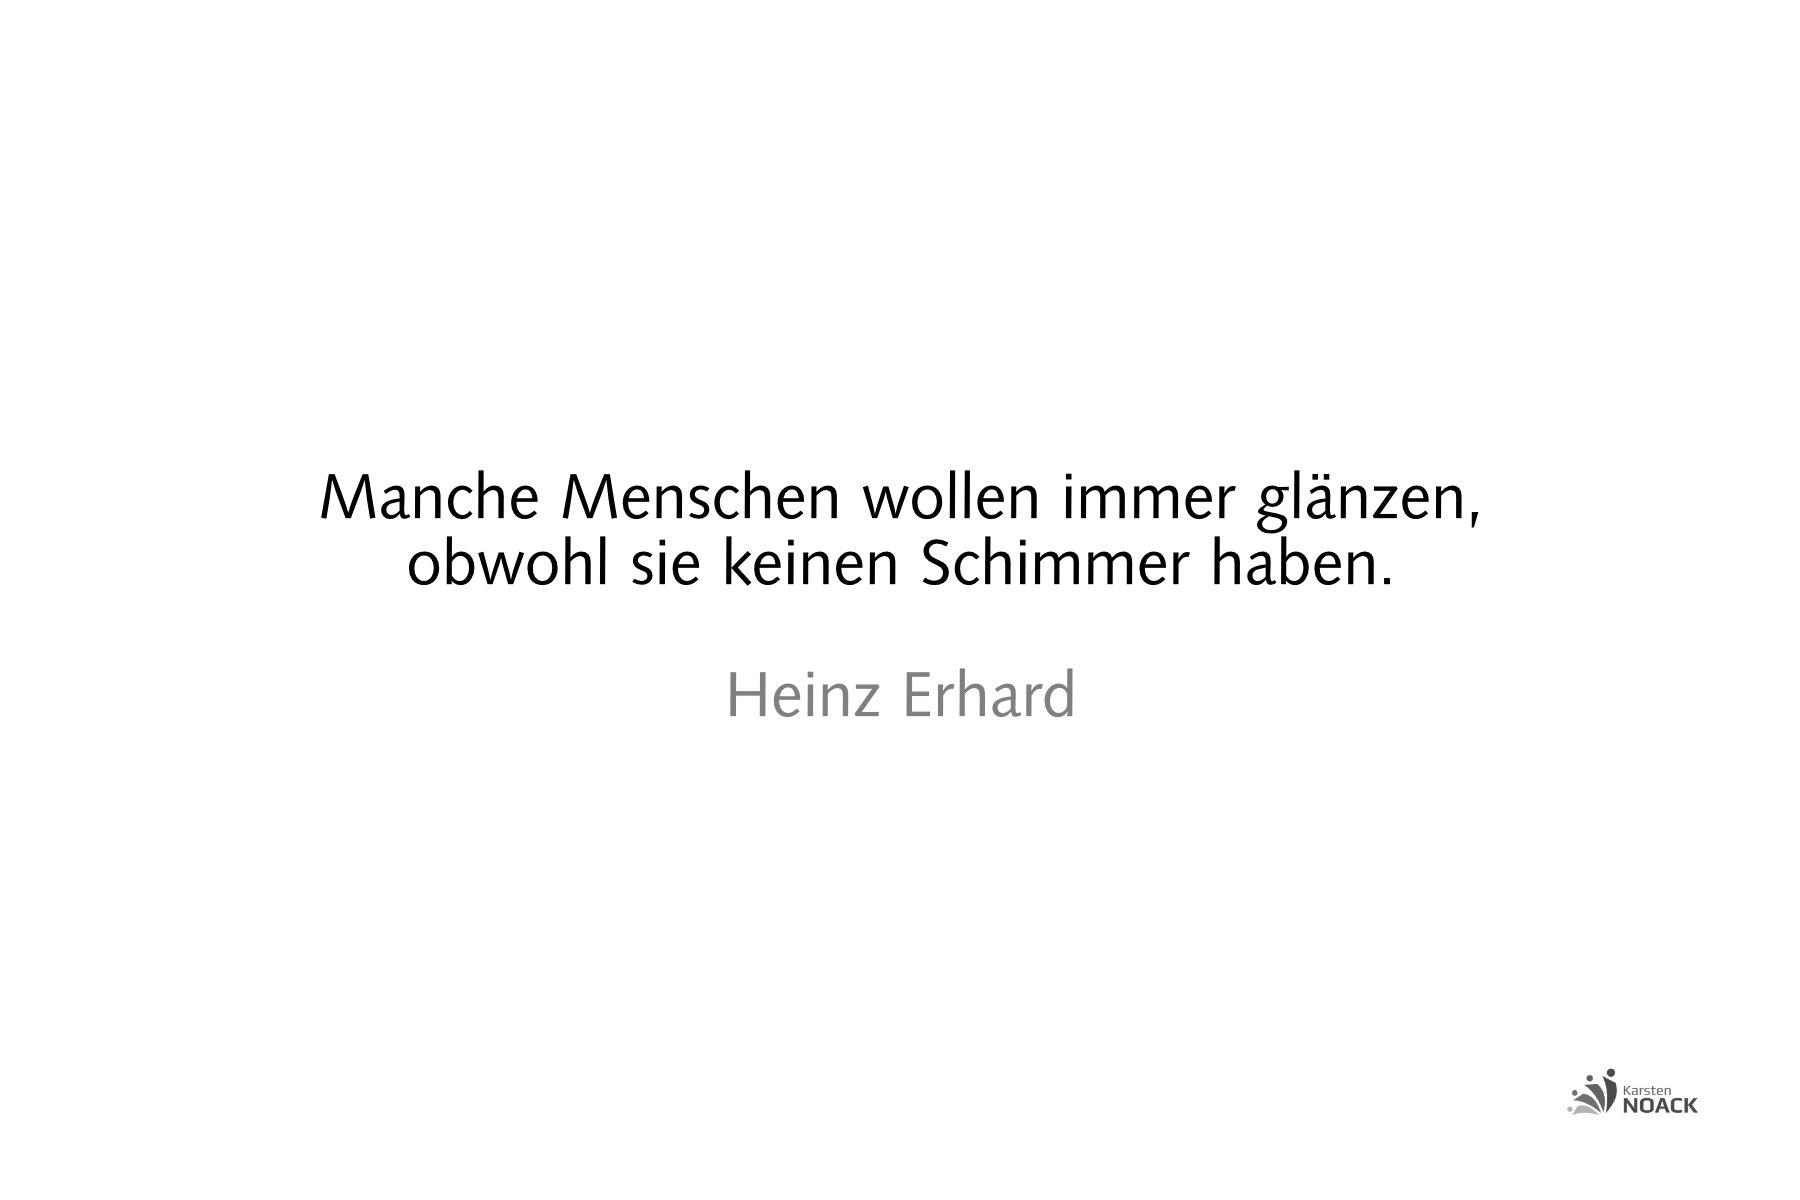 Manche Menschen wollen immer glänzen, obwohl sie keinen Schimmer haben. Heinz Erhard